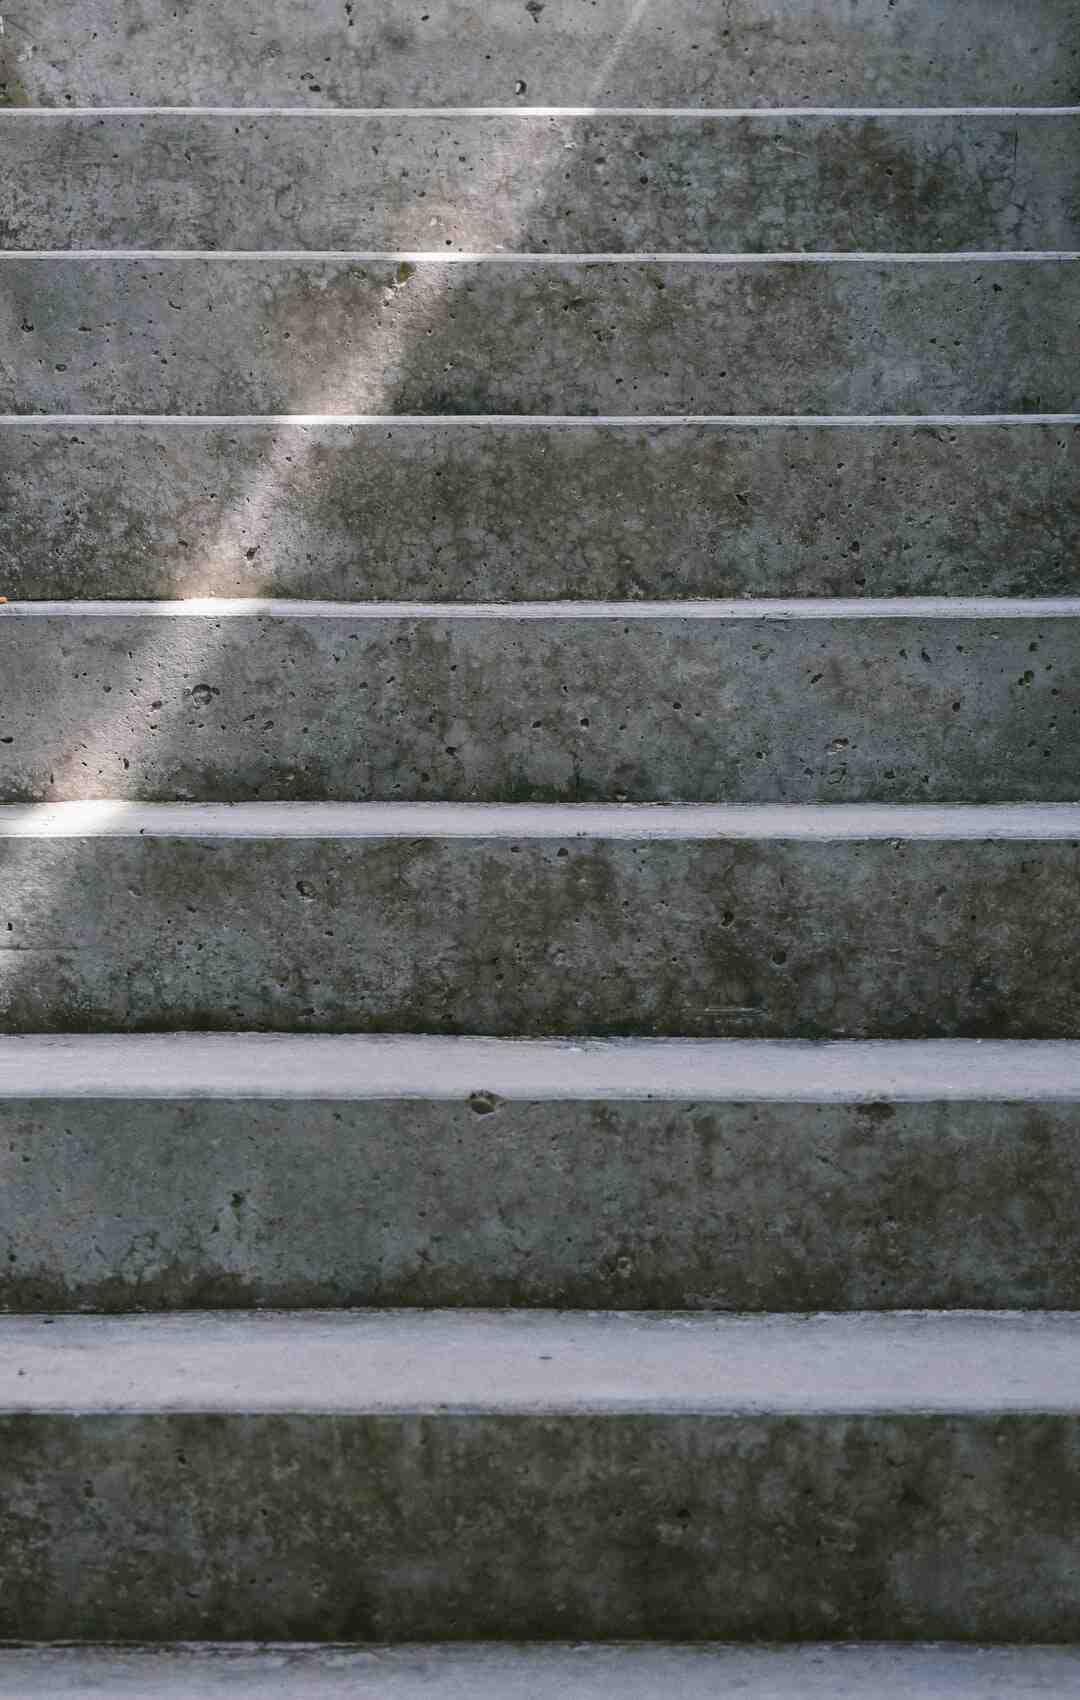 Comment faire un escalier en béton